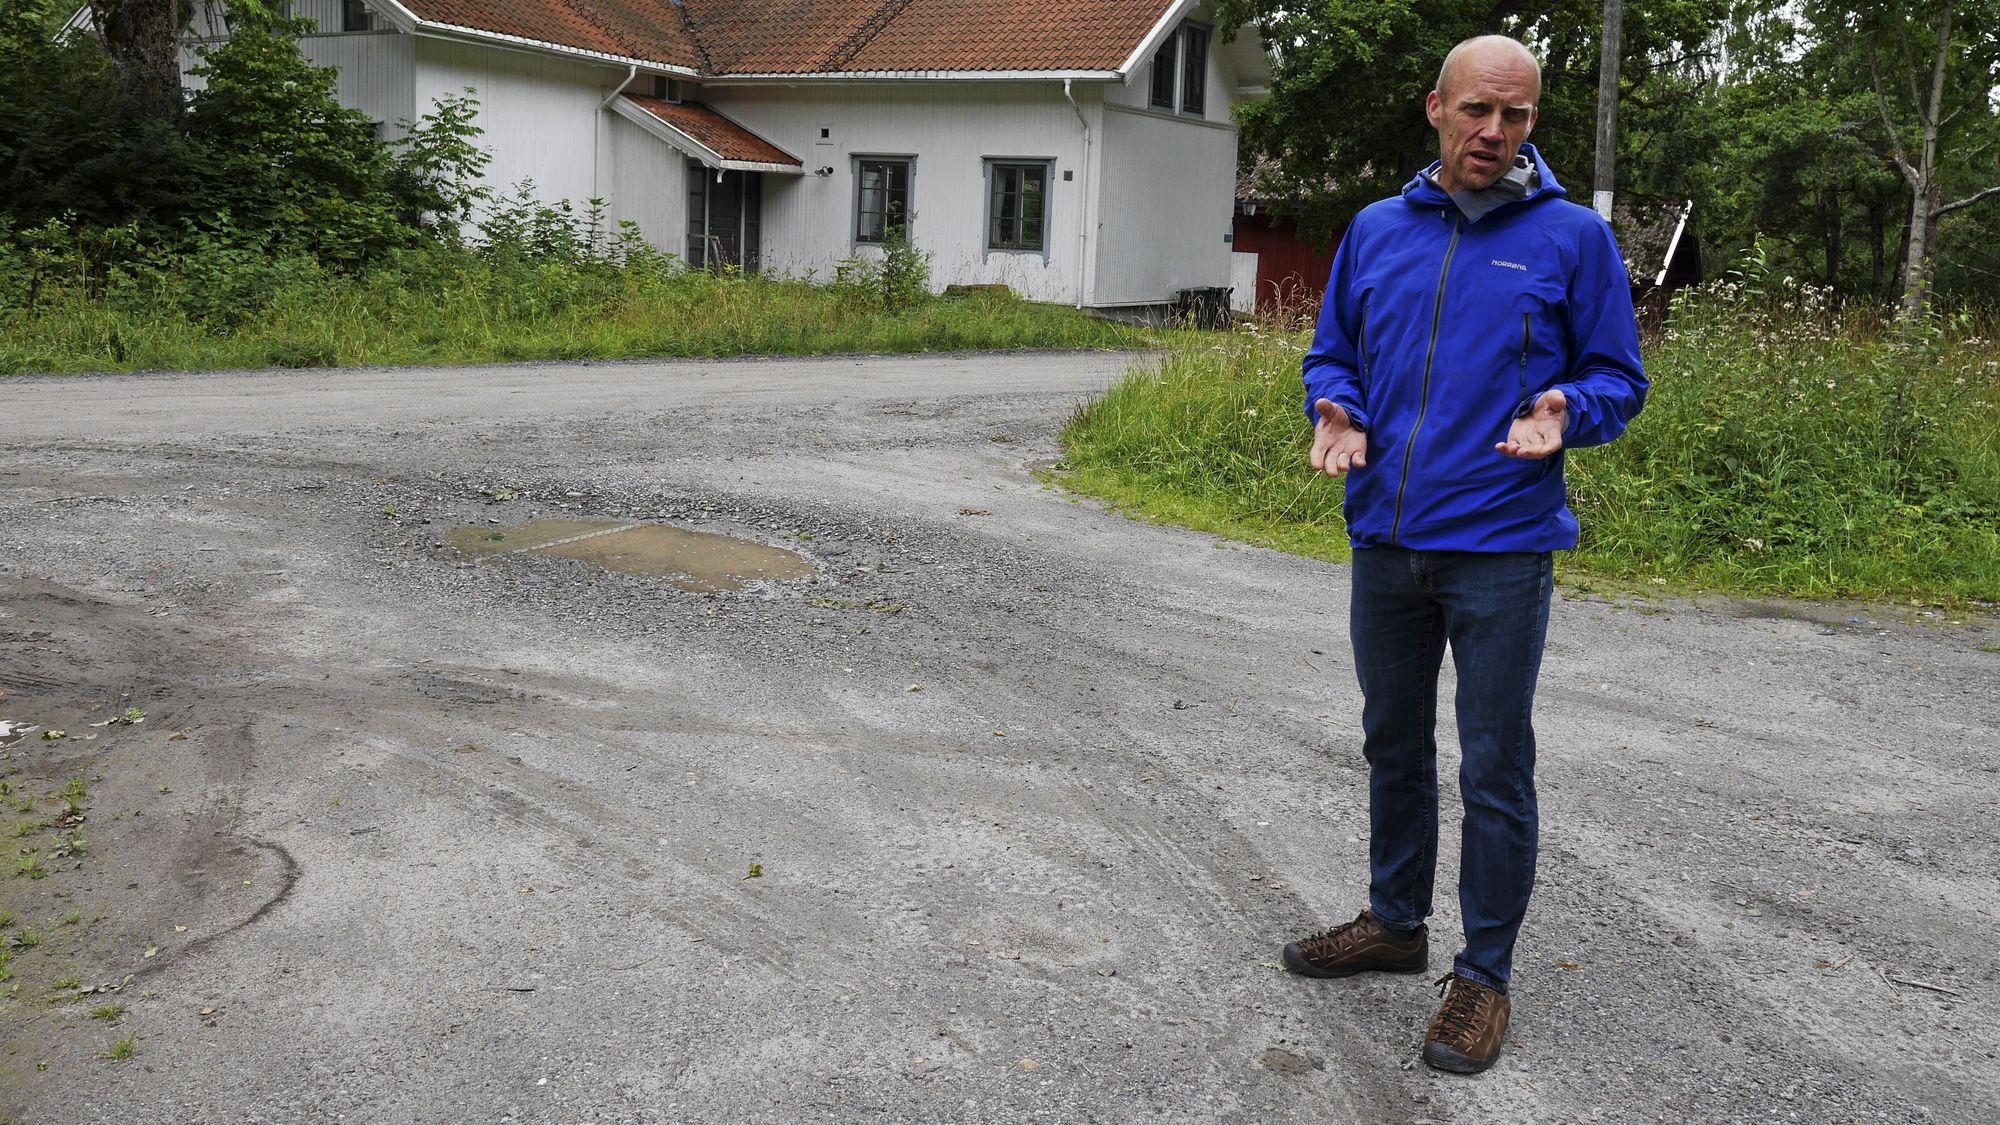 ENGASJERT: – Det er urettferdig at flere som har investert i nye anlegg eller oppgradert de gamle anleggene, skal nå betale like mye som dem som ikke har gjort noe. De nye anleggene vil ha en fullgod funksjon i 20 til 30 år fremover, sier Ola Toftdahl.